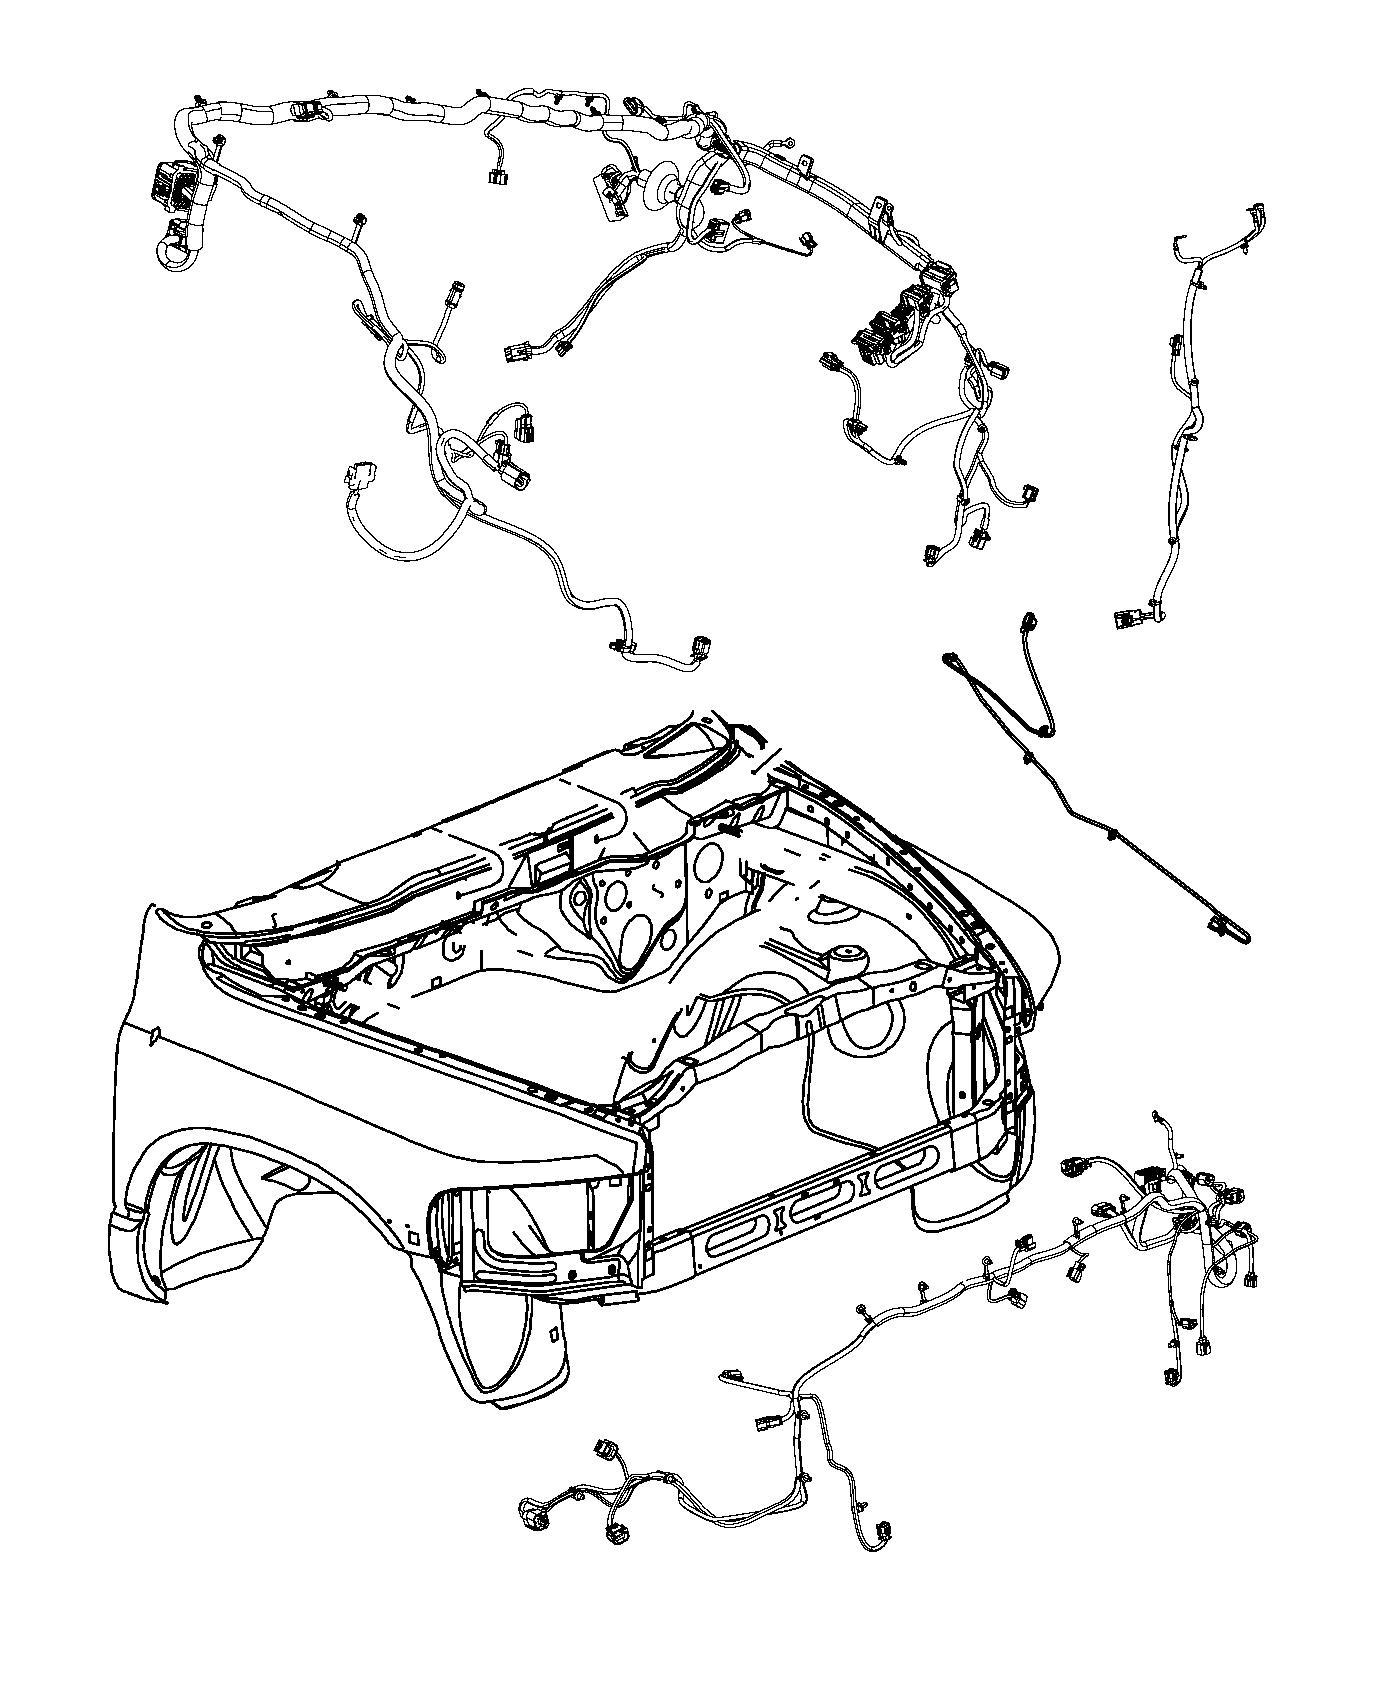 Dodge Ram 1500 Wiring. Jumper. Electric power steering